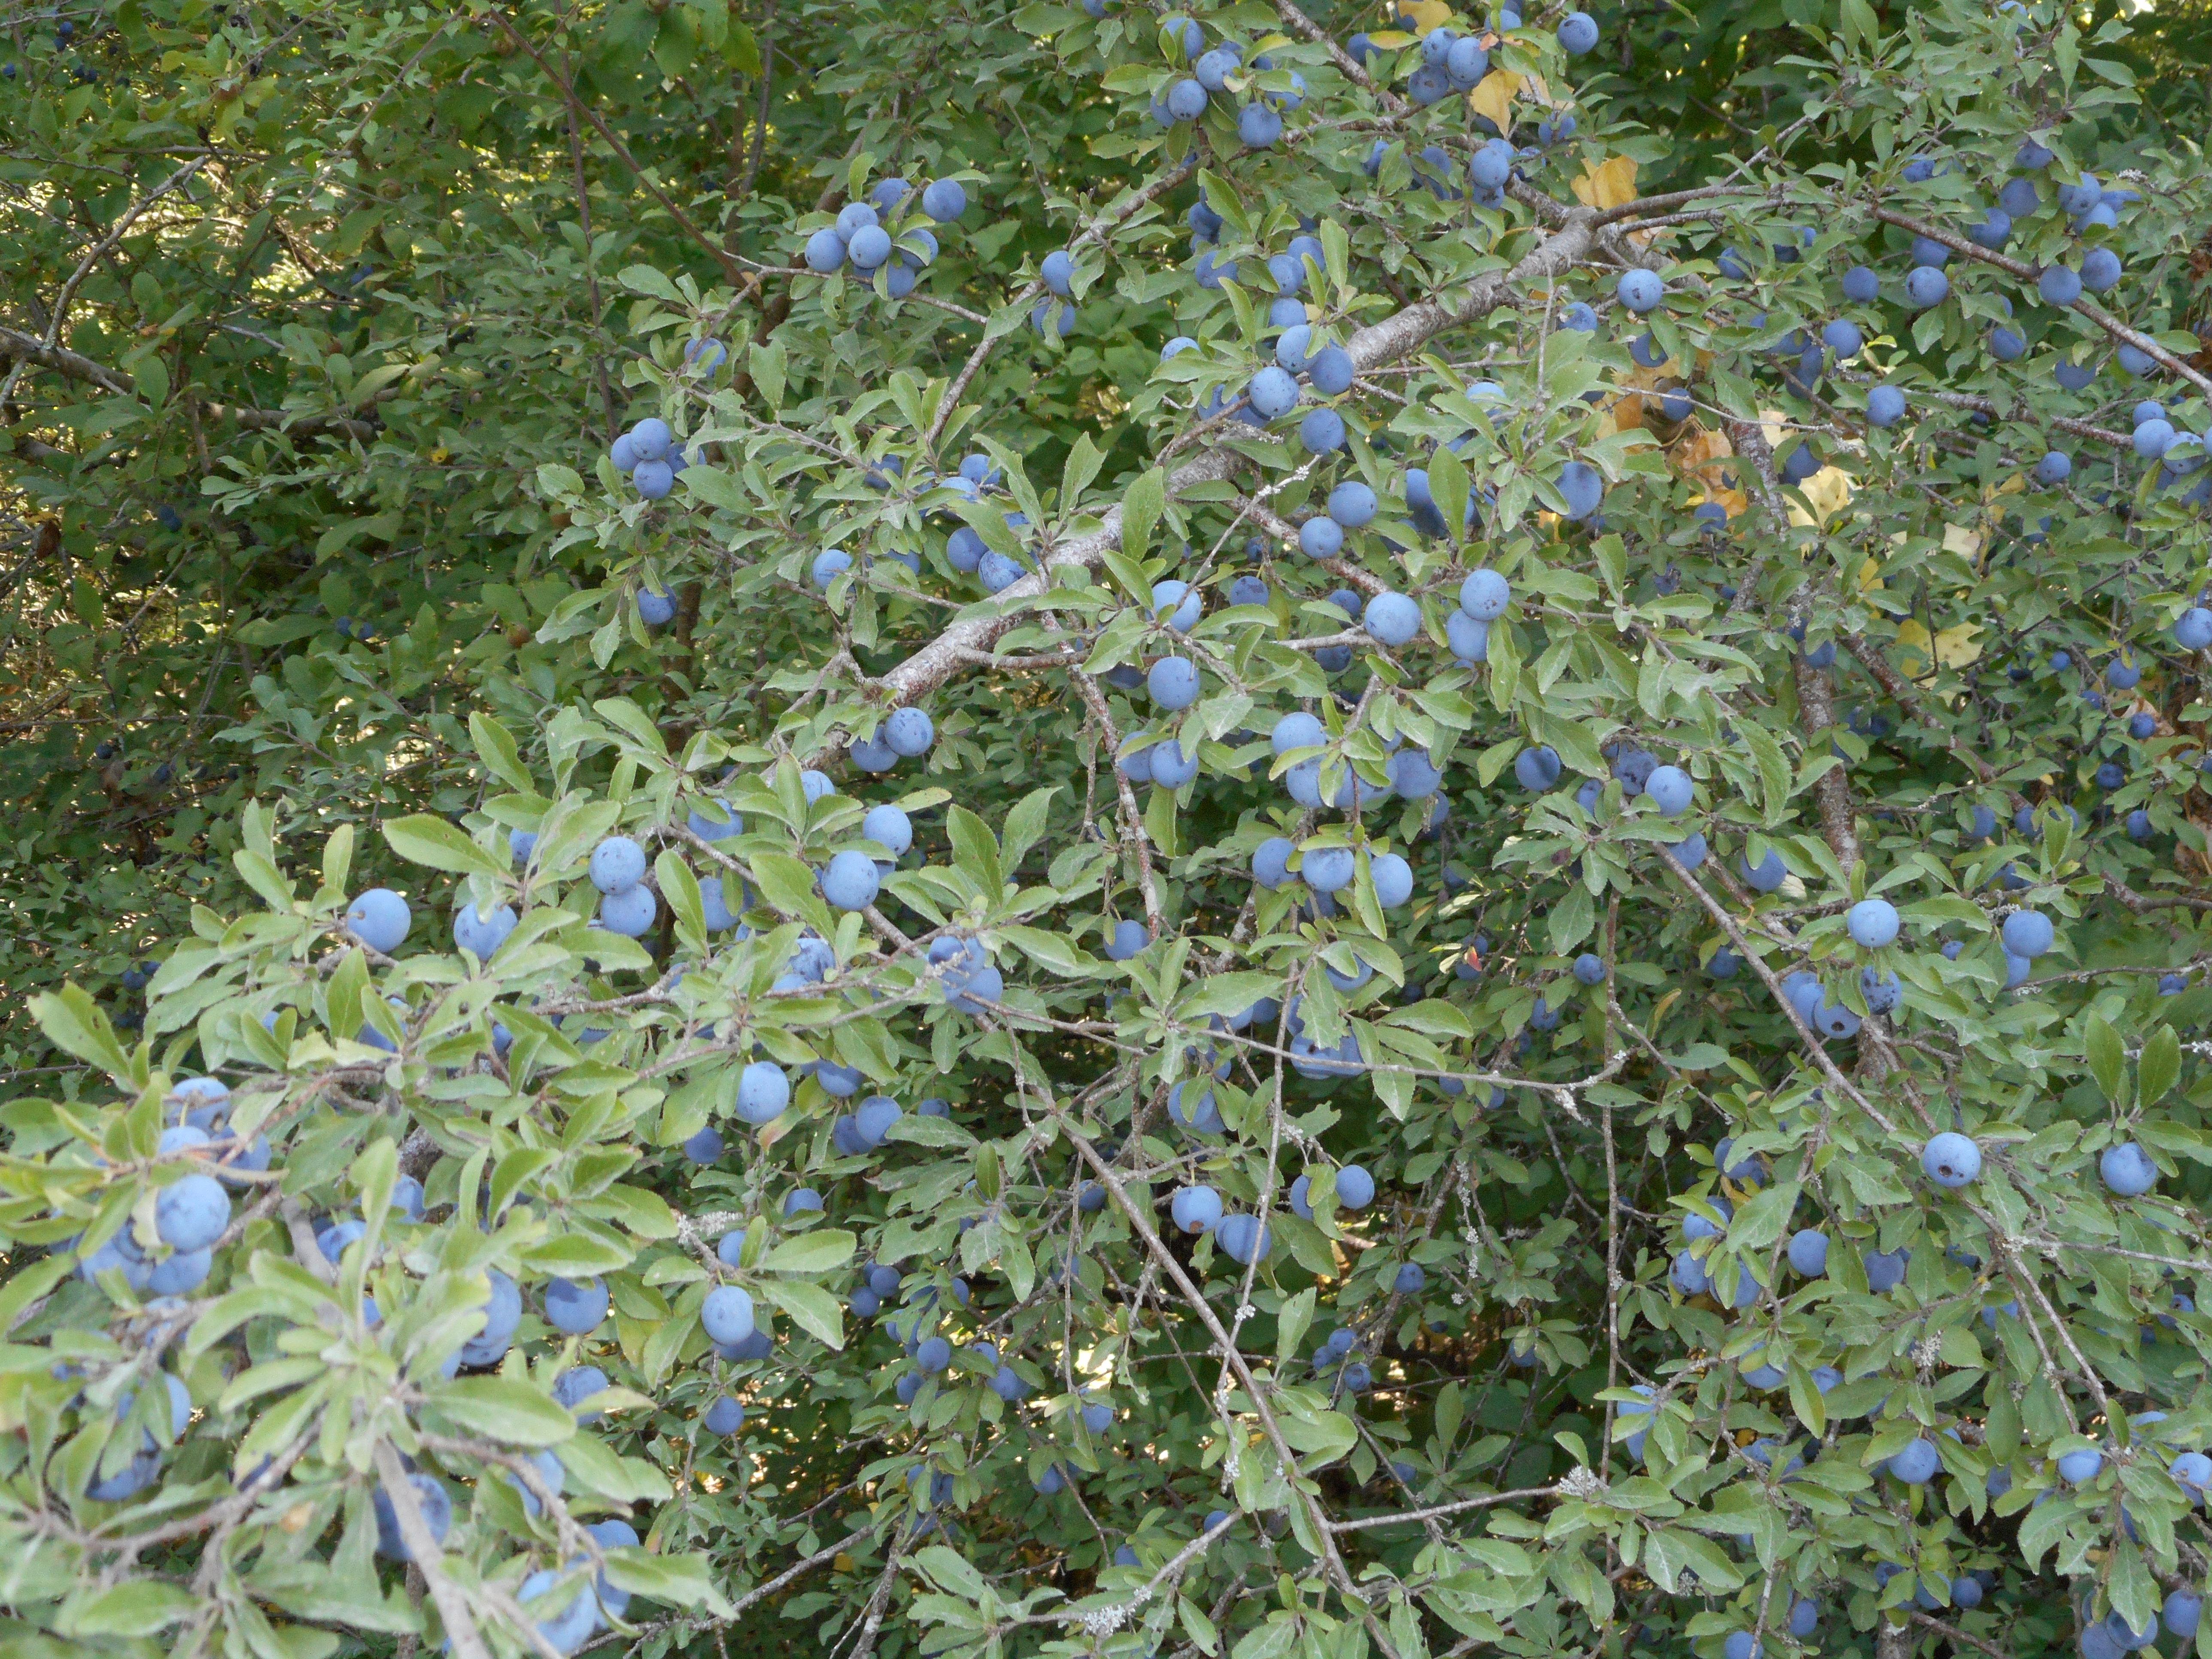 <a href=https://biodiv-montech.fr/observation/prunellier-prunus-spinosa/>Prunellier (Prunus spinosa)</a><br>Espèce : Prunellier ou épine noire<br>Observé à forêt d'Agre Montech le midi du 12 / 08 / 2016<br>